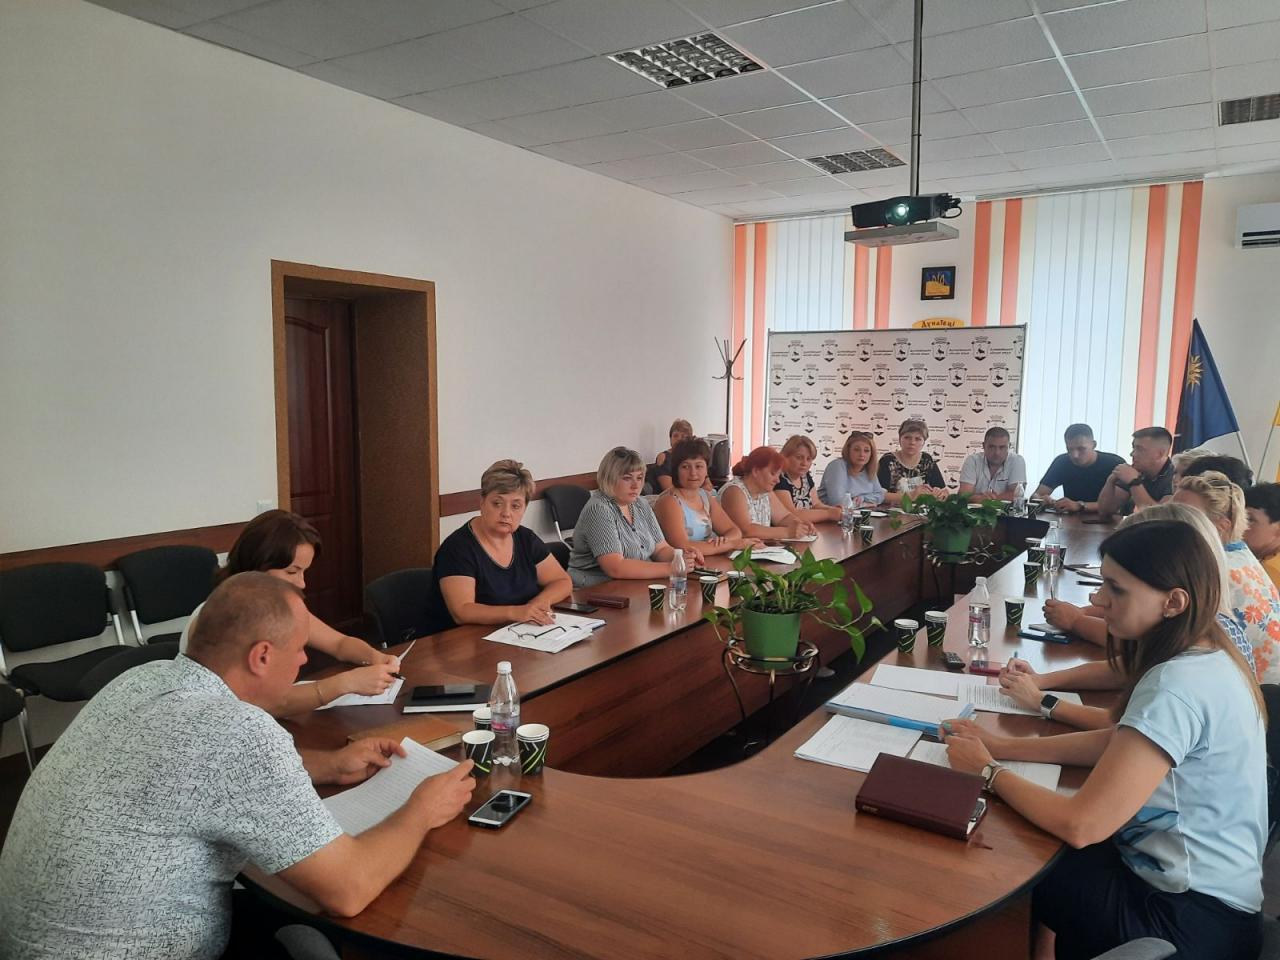 http://dunrada.gov.ua/uploadfile/archive_news/2021/07/16/2021-07-16_3594/images/images-23428.jpg